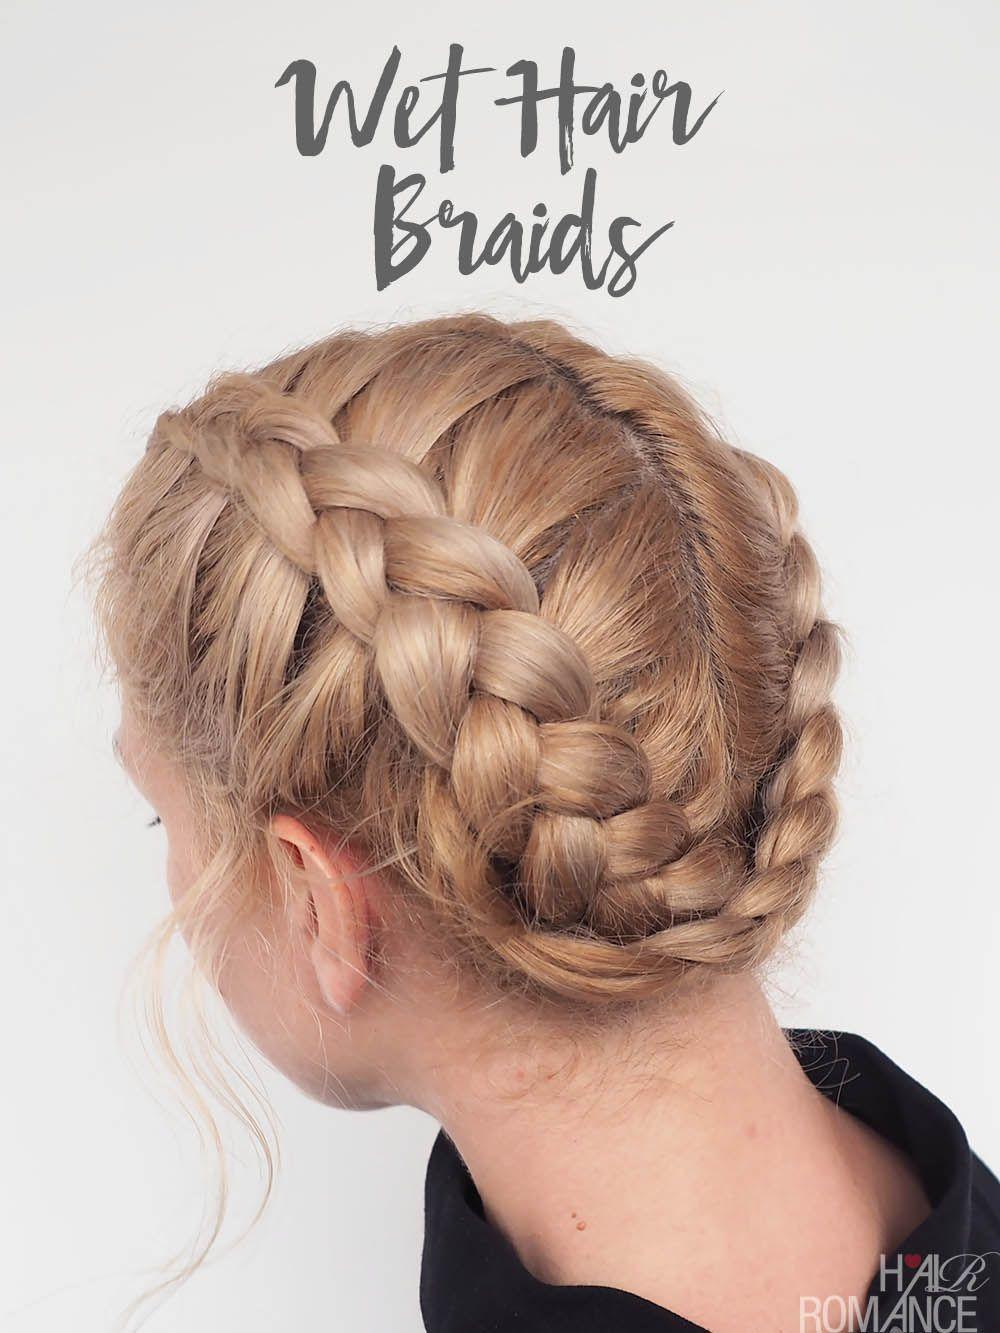 The Best Braids For Wet Hair Dutch Braid Video Tutorial Hair Romance Cool Braid Hairstyles Easy Hairstyles Cool Hairstyles